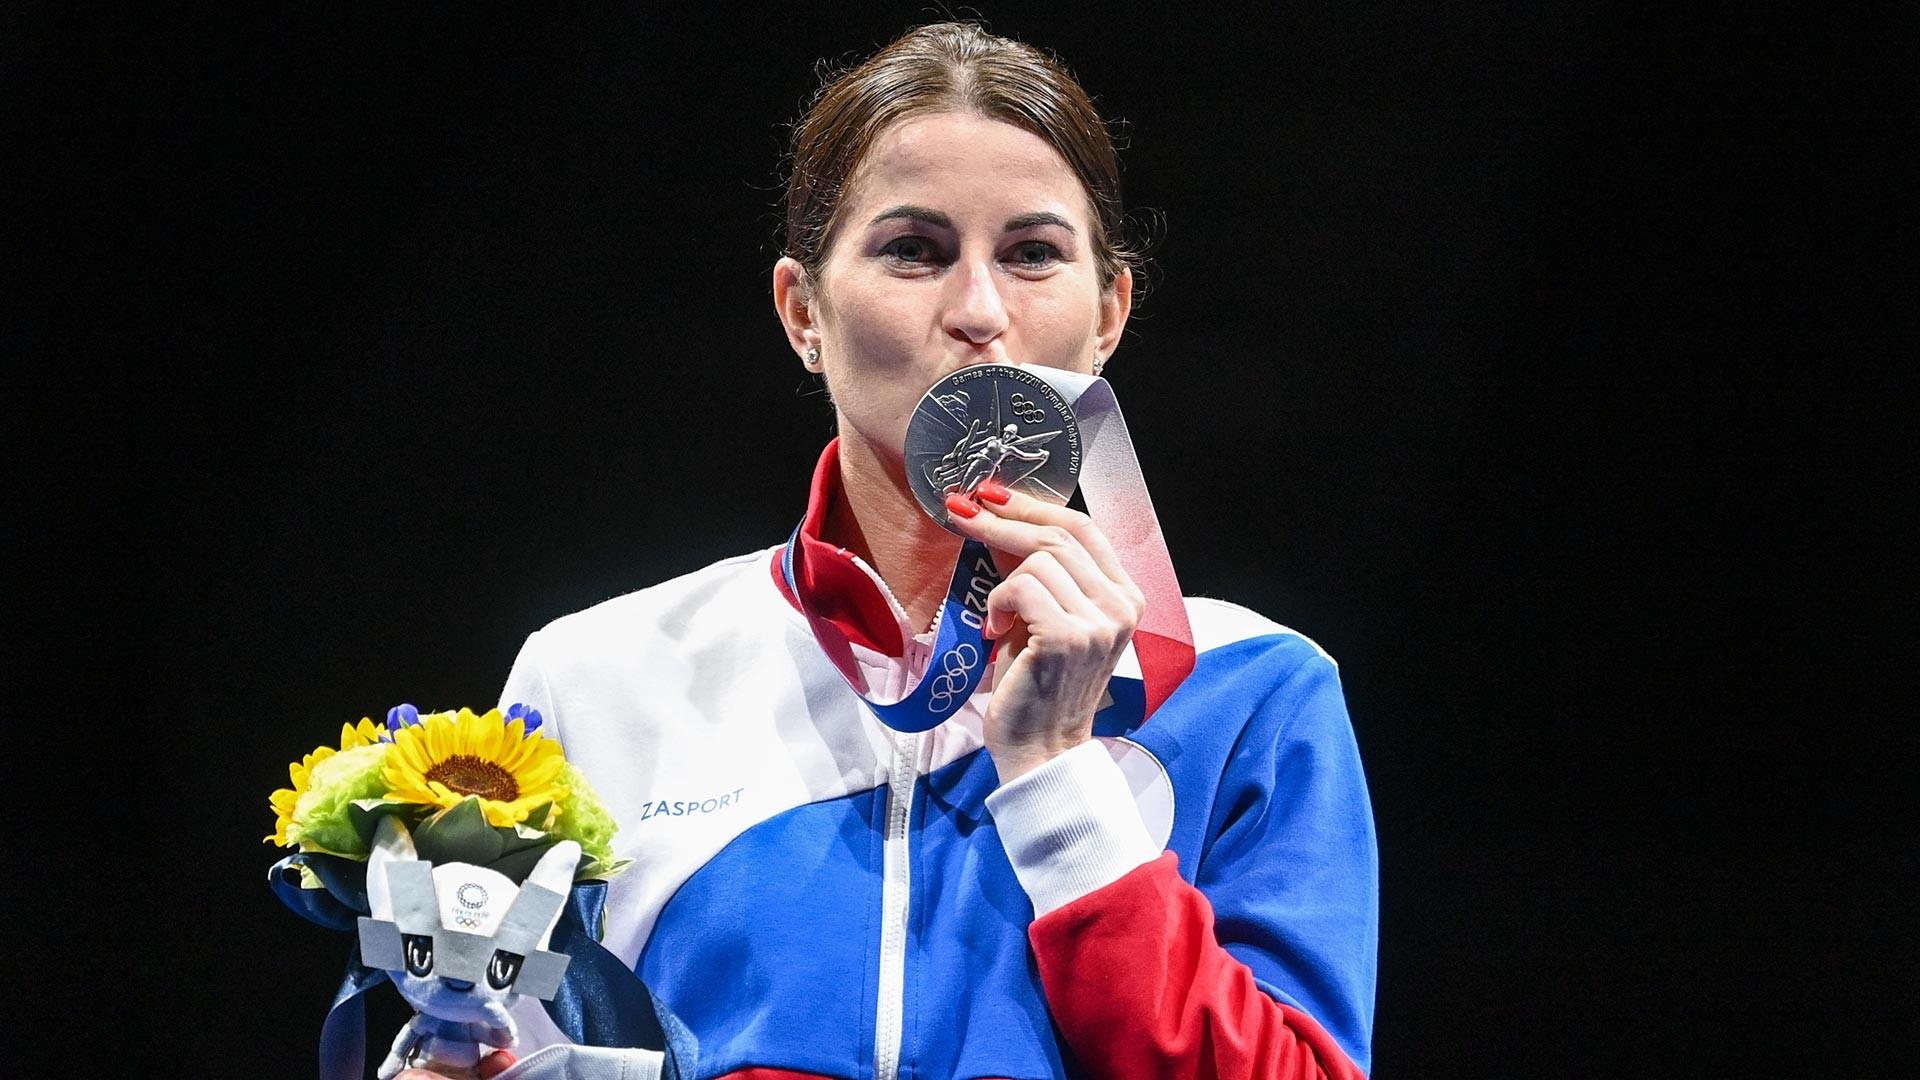 Российская спортсменка, член сборной России (команда ОКР) Инна Дериглазова, завоевавшая серебряную медаль в соревнованиях по фехтованию на рапирах среди женщин на XXXII летних Олимпийских играх в Токио